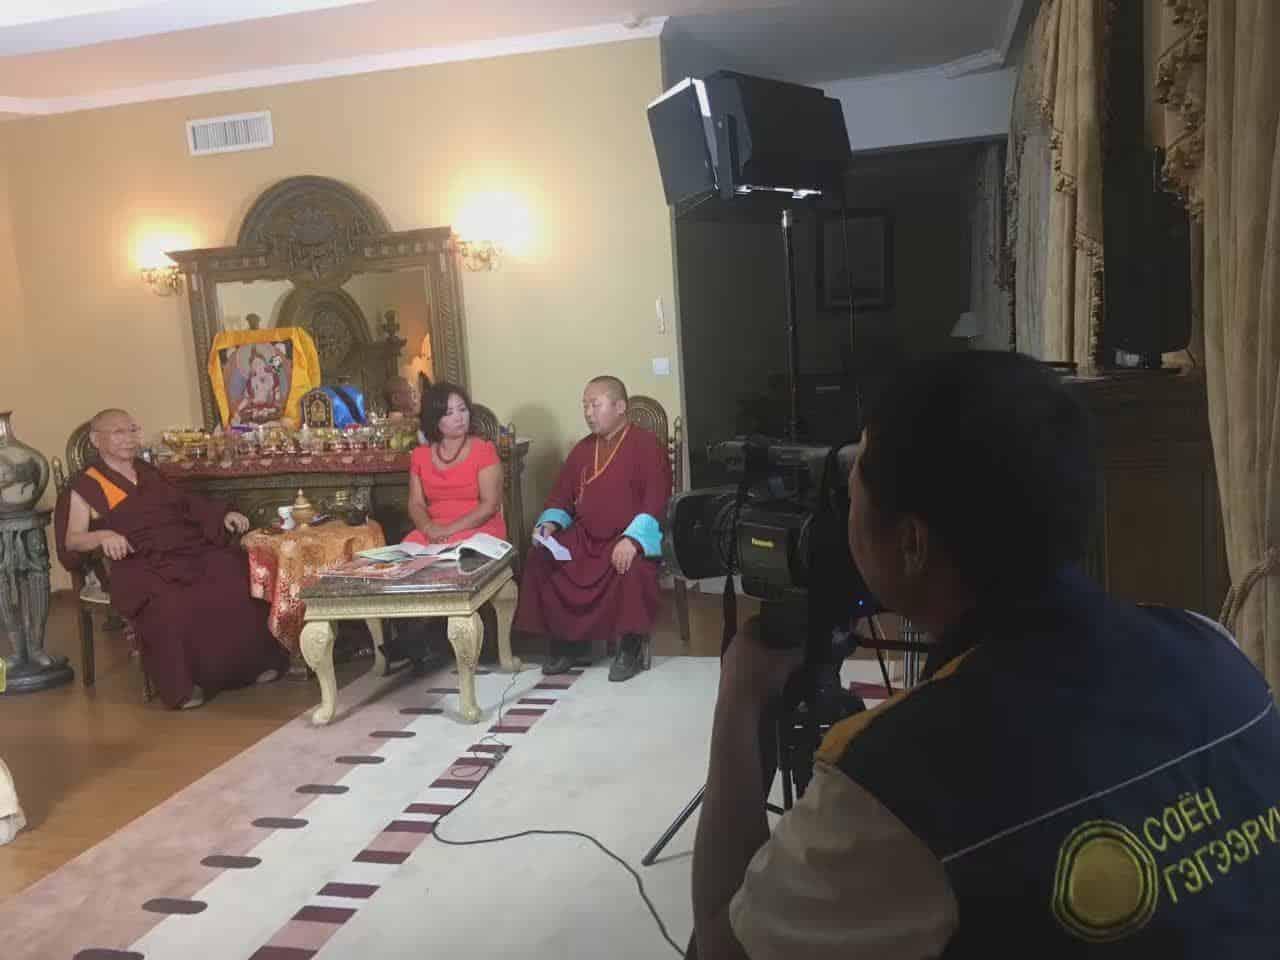 gosok-rinpoche-mongolia-2016-510219210e2653a26bcb1b1980c8213